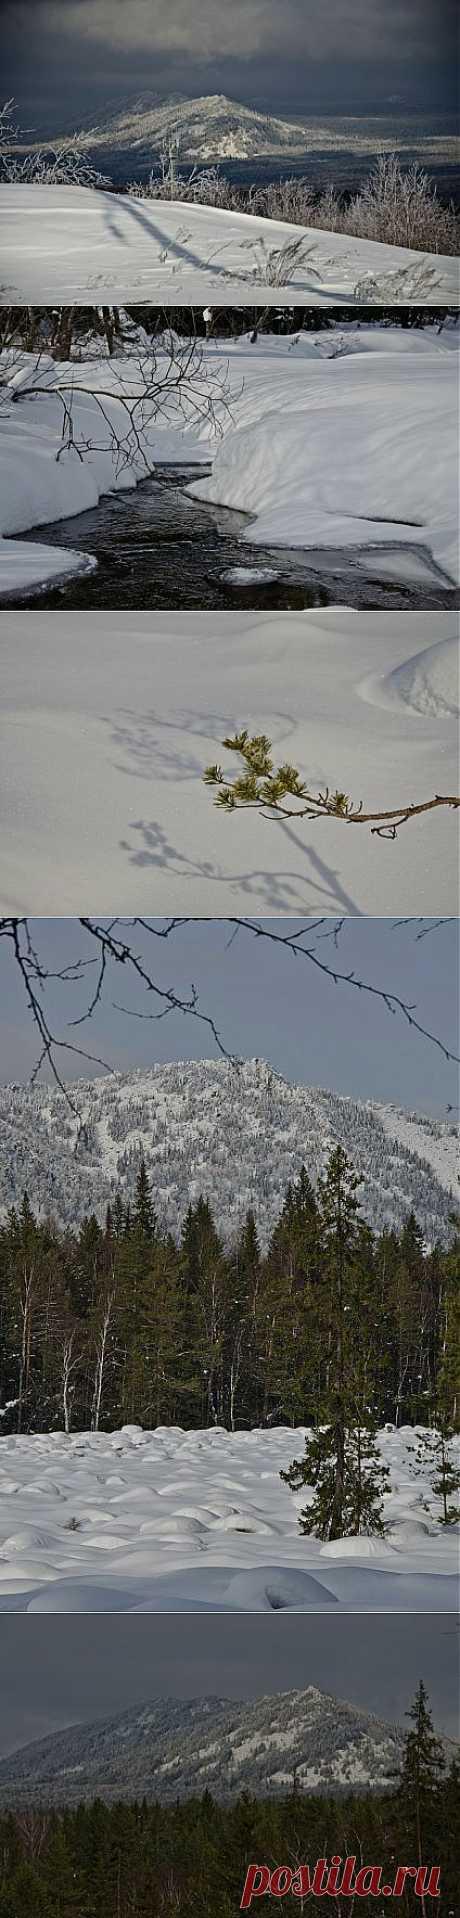 (+1) тема - До Каменной реки на лыжах. | Непутевые заметки